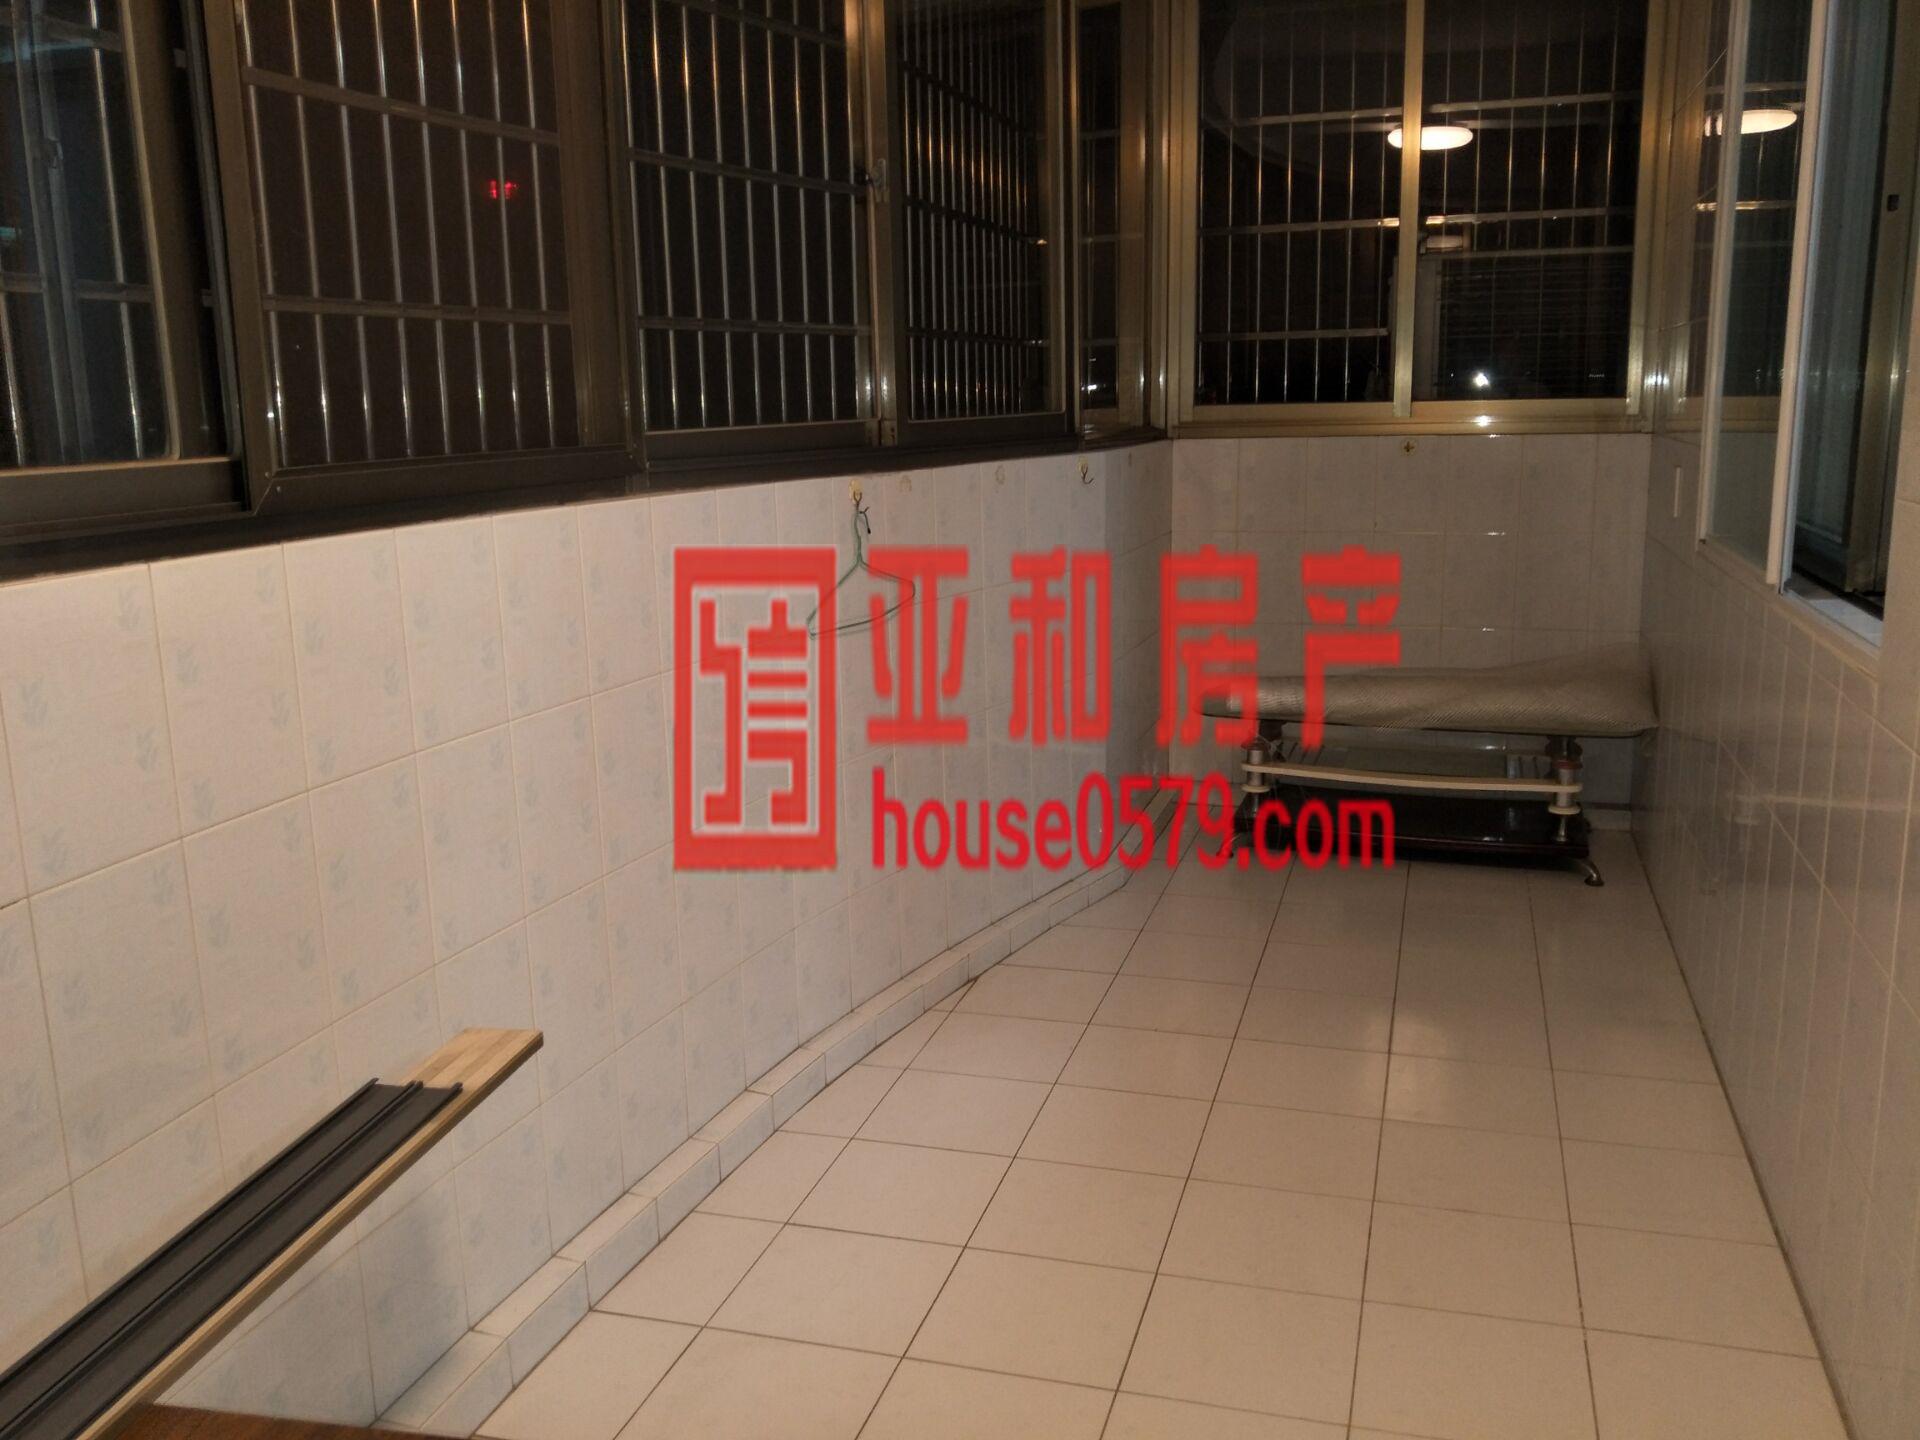 【亚和认证房】越阳二区黄金楼层已出让 带25平车库